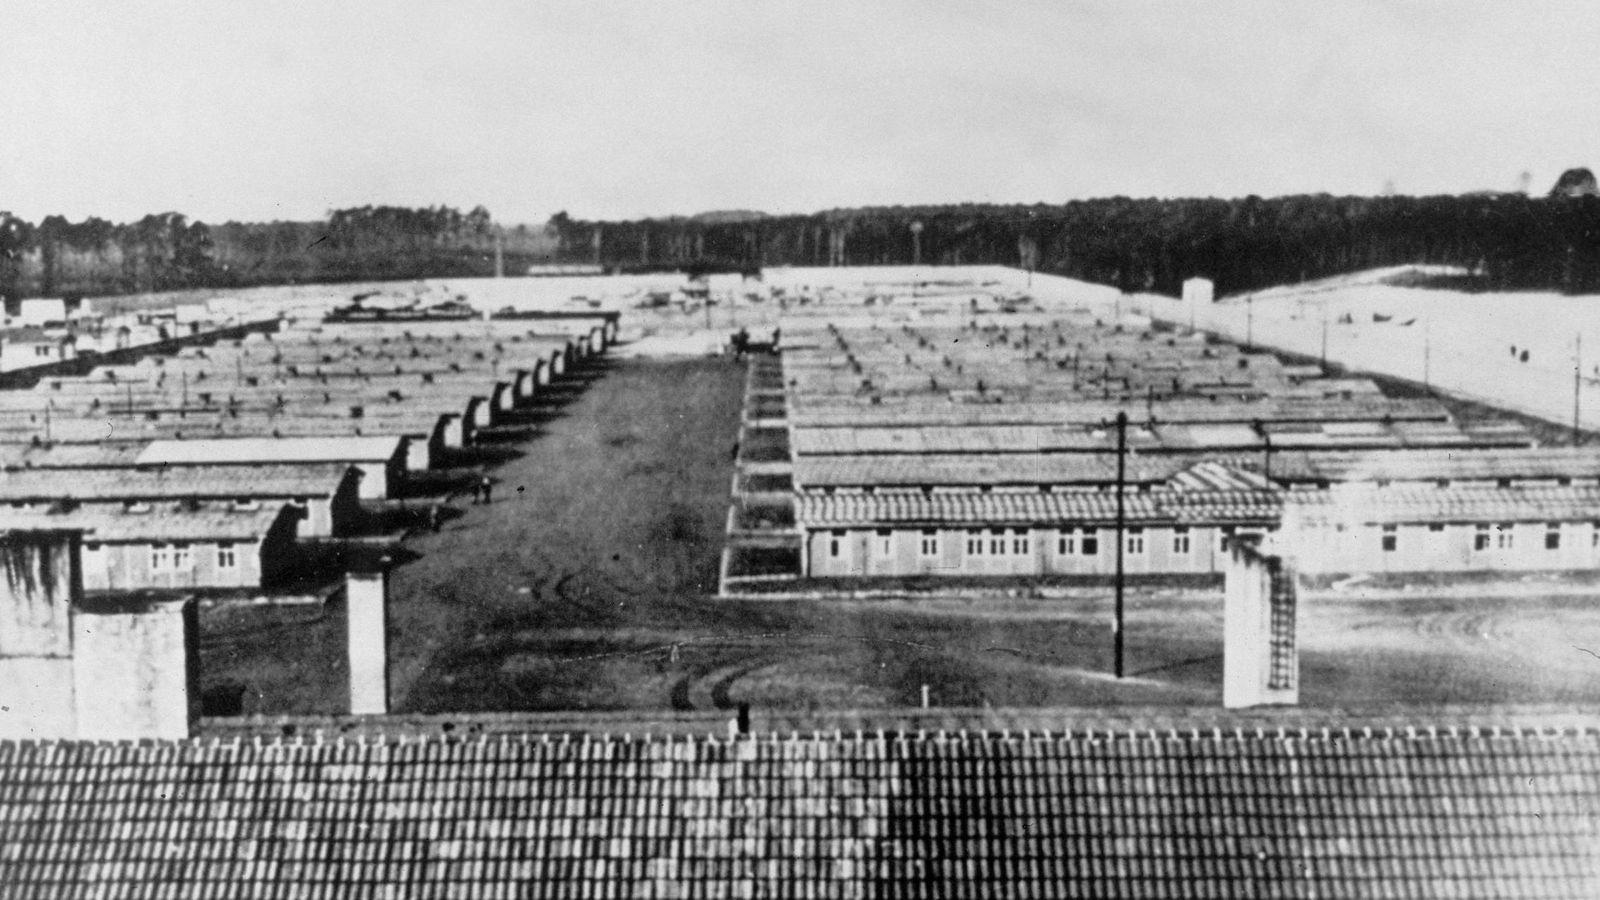 Historia ravensbr ck el campo de concentraci n para mujeres del que nadie quer a hablar - Como vallar un campo ...